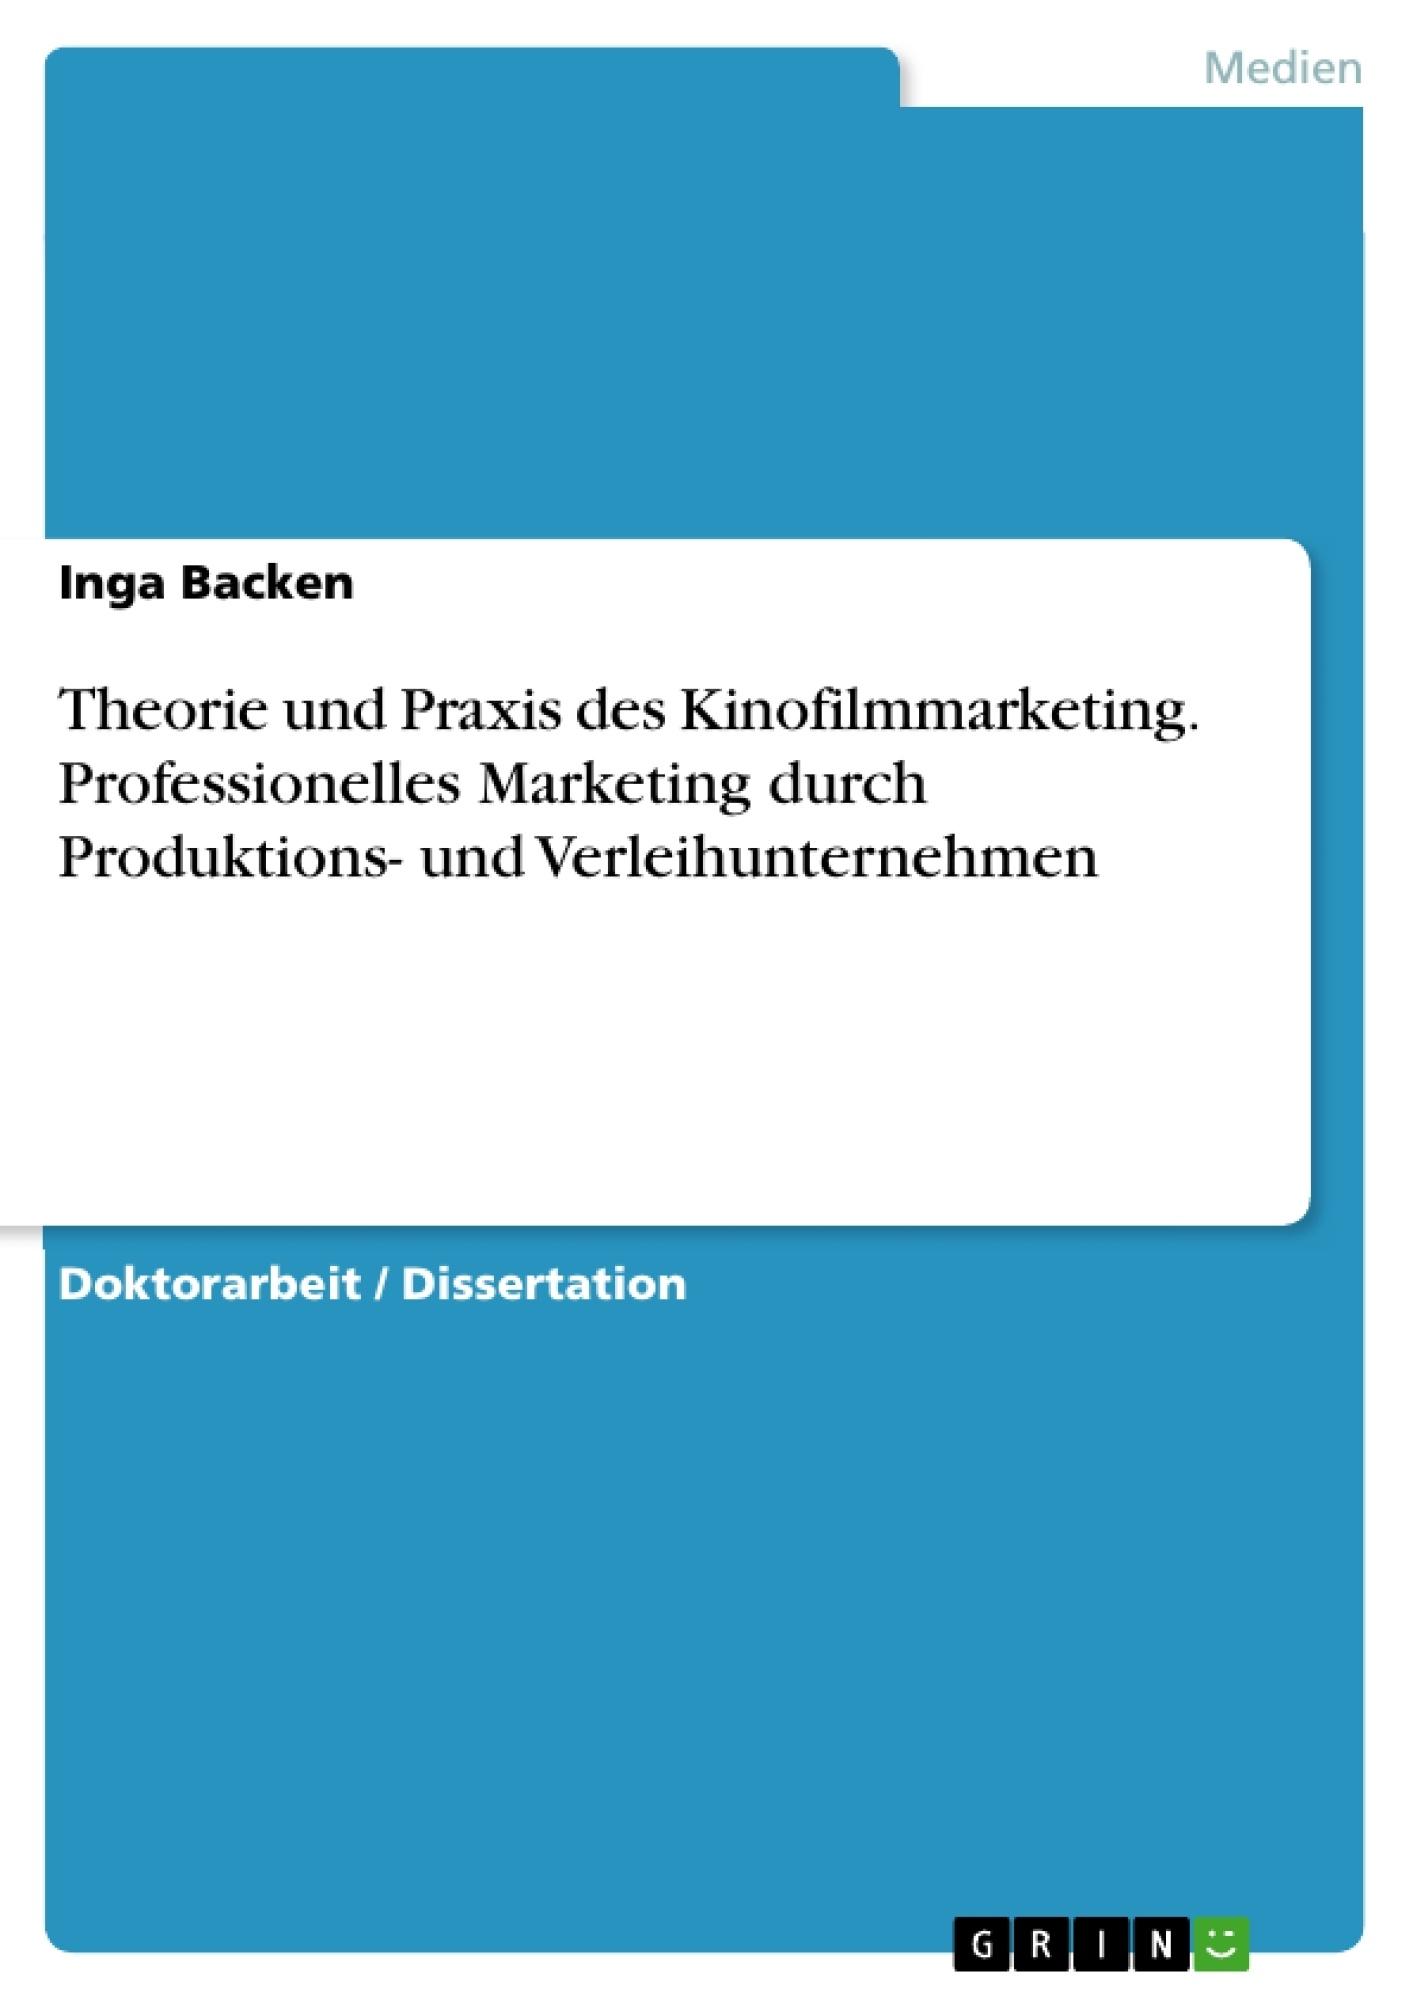 Theorie und Praxis des Kinofilmmarketing. Professionelles ...